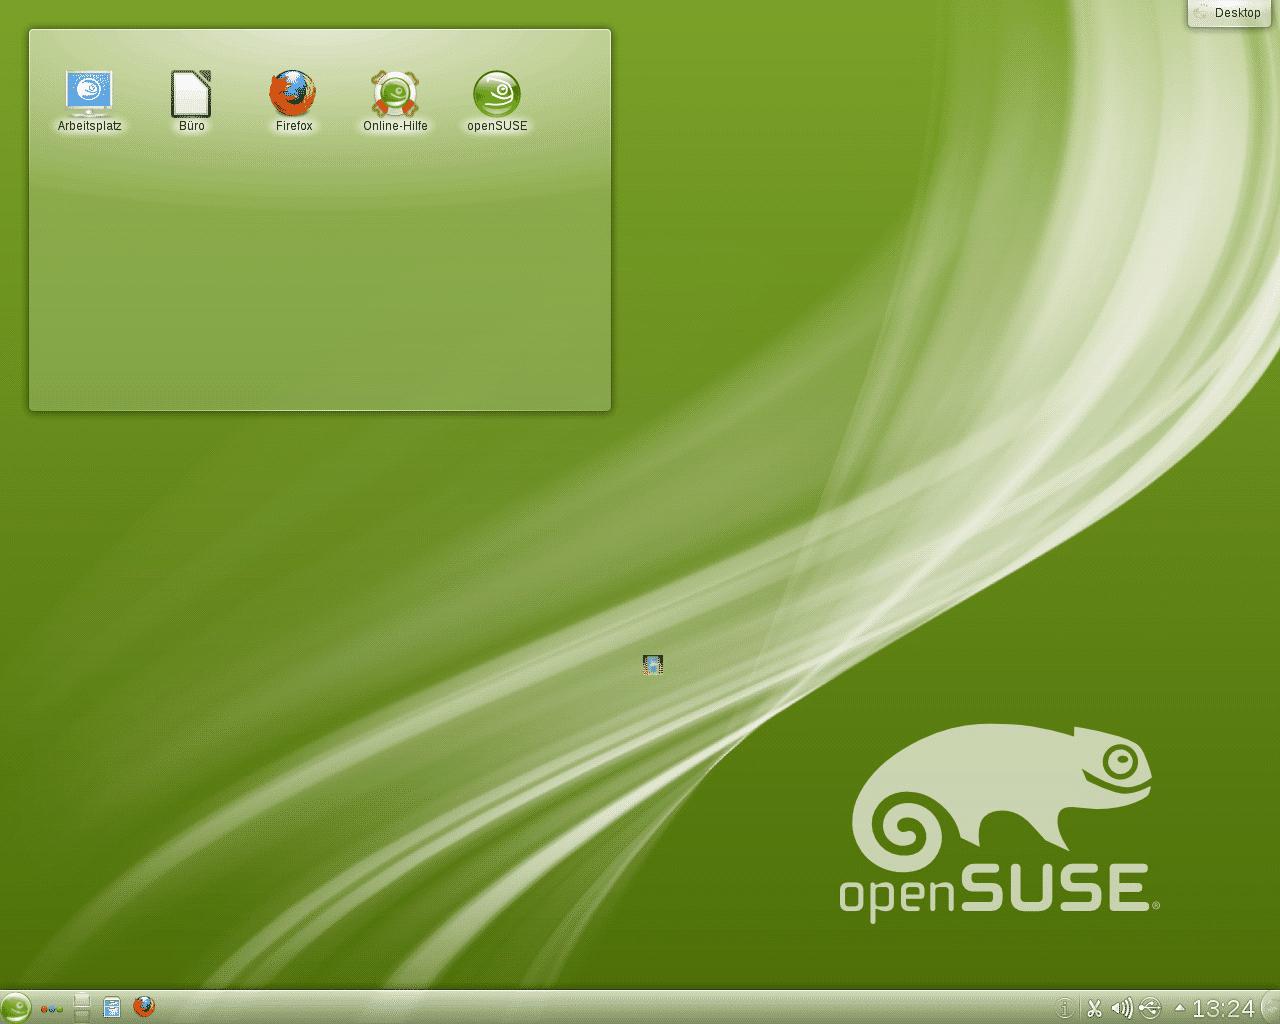 Der KDE-4-Desktop von OpenSuse 12.1